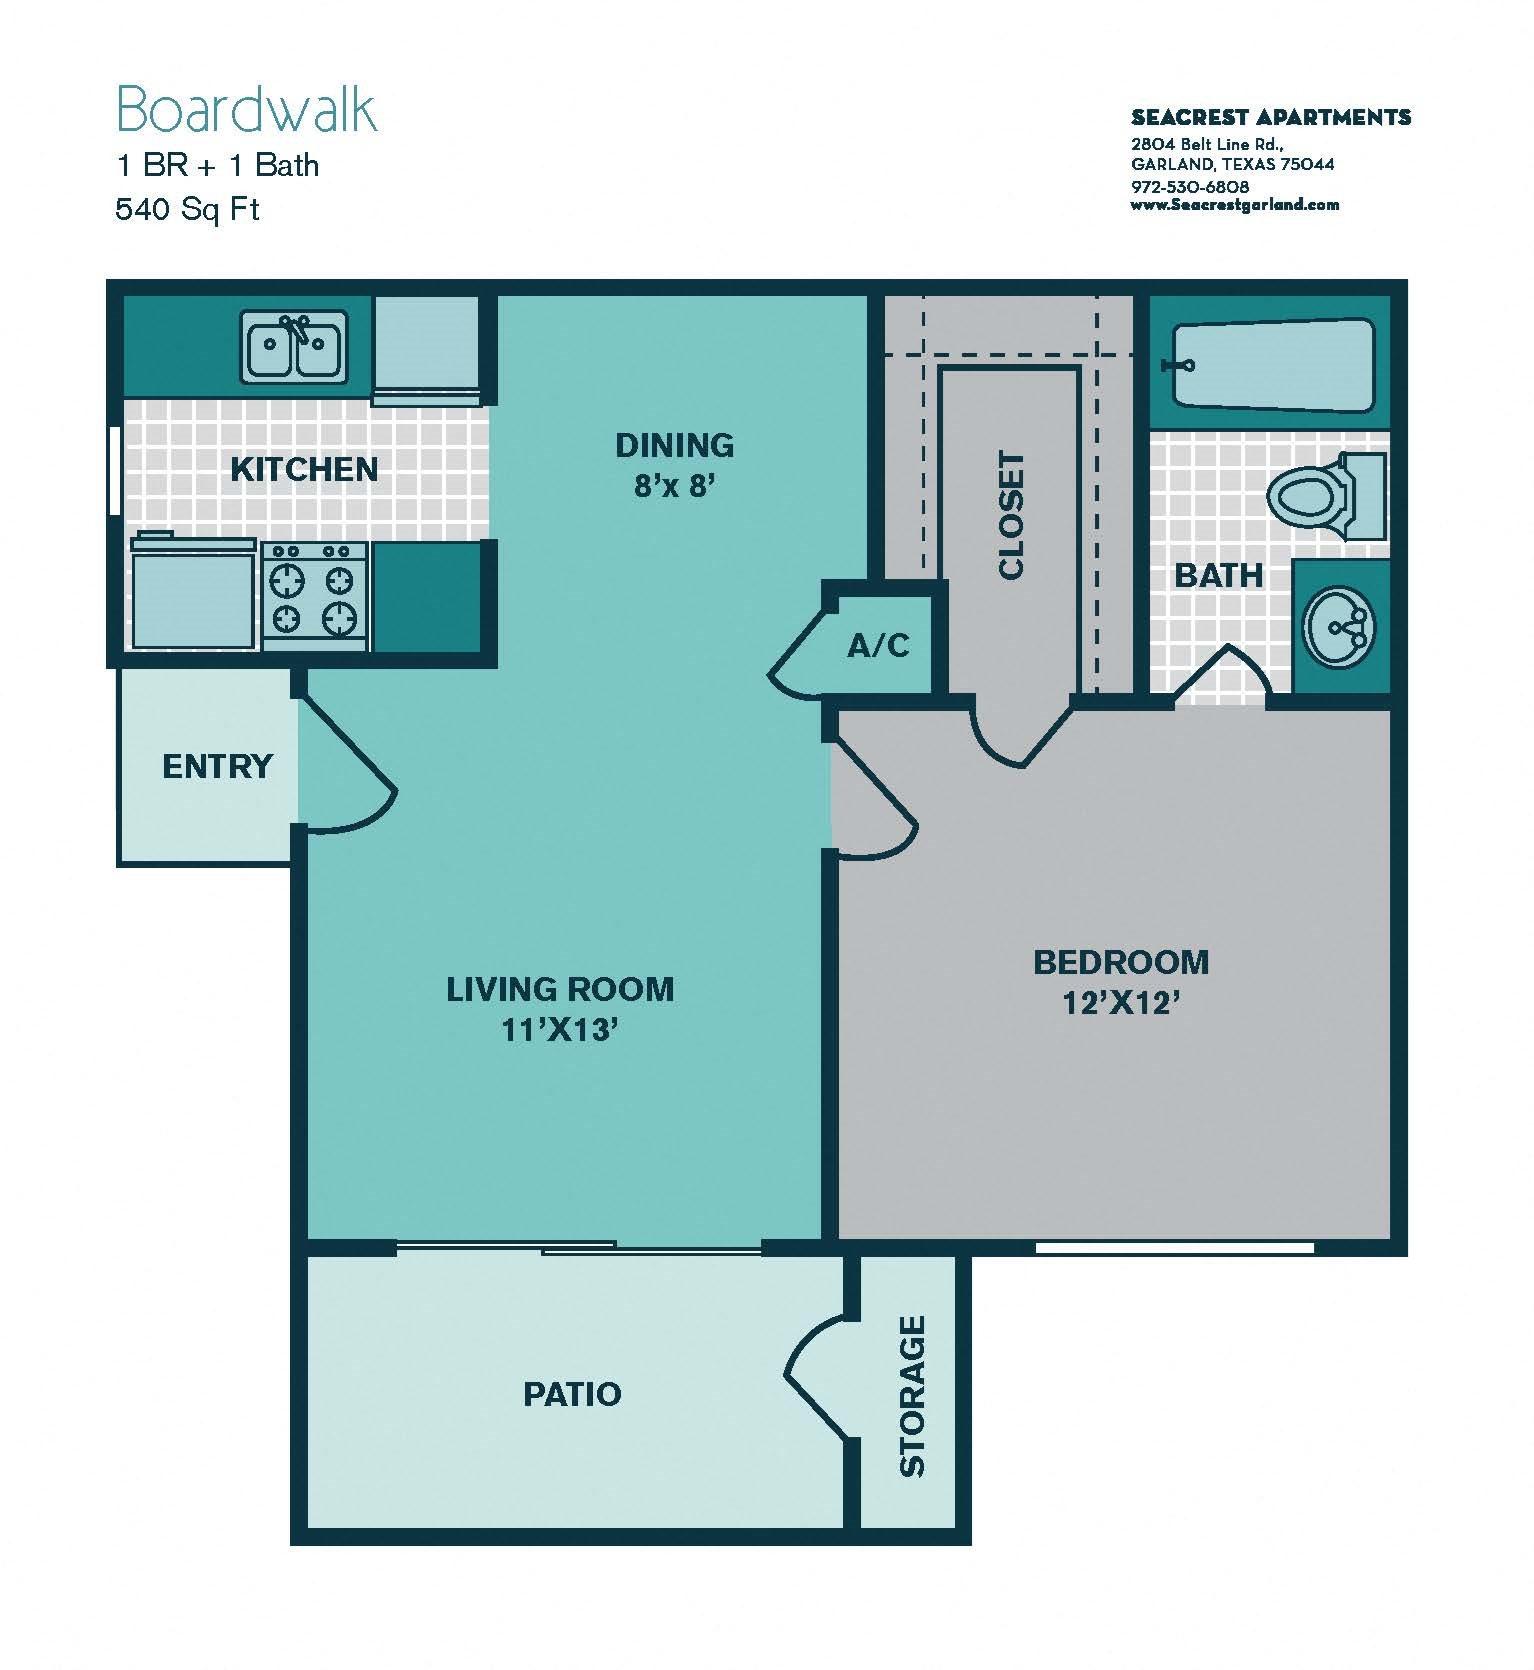 1 Bedroom A1 - 540sqft - BOARDWALK Floor Plan 1